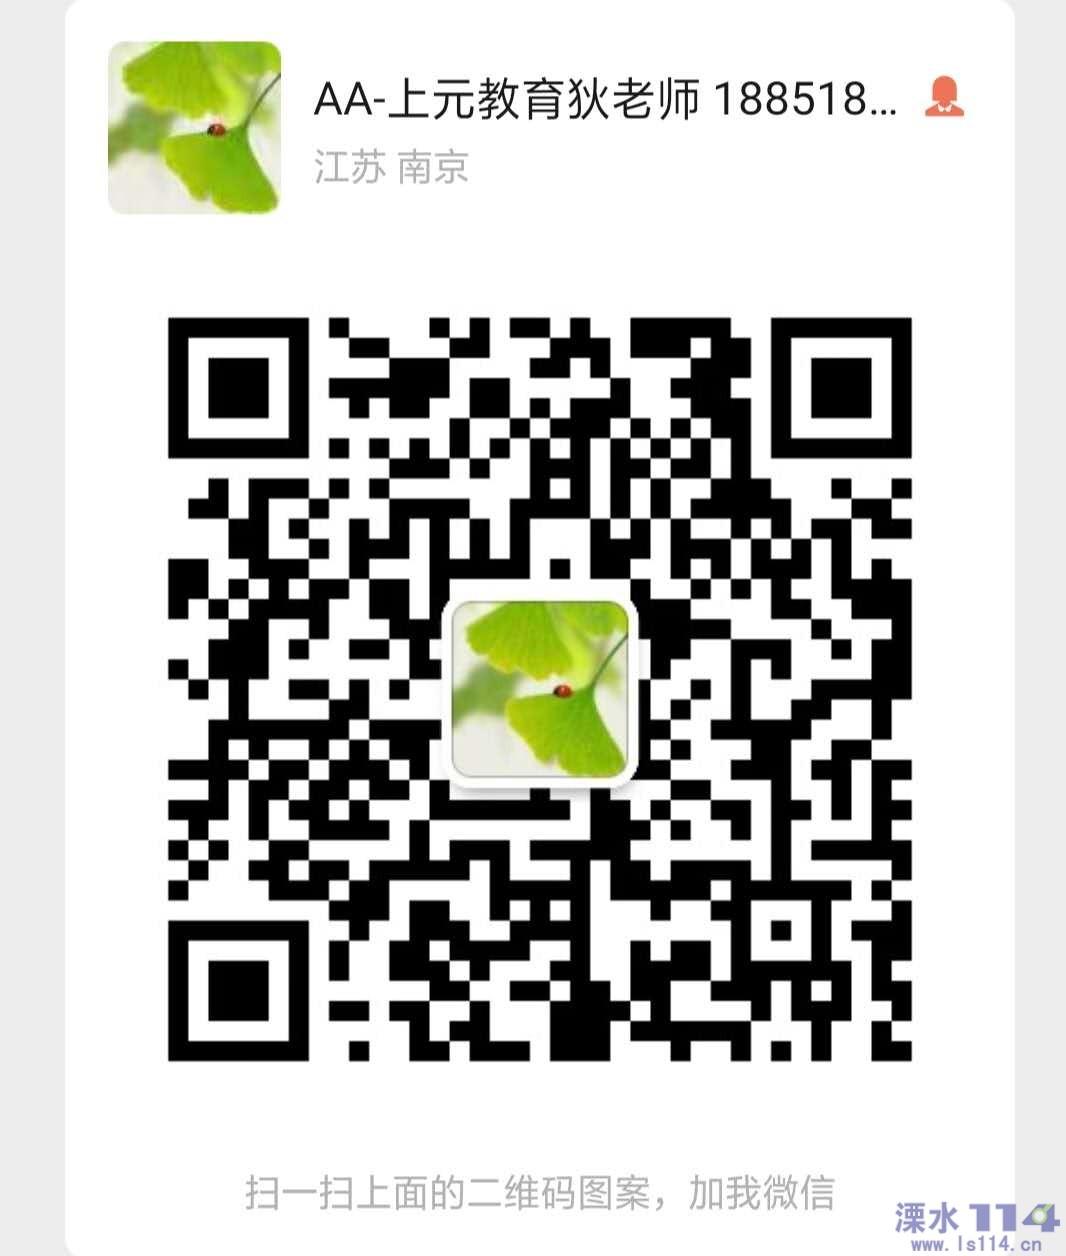 微信图片_20200409134819.jpg